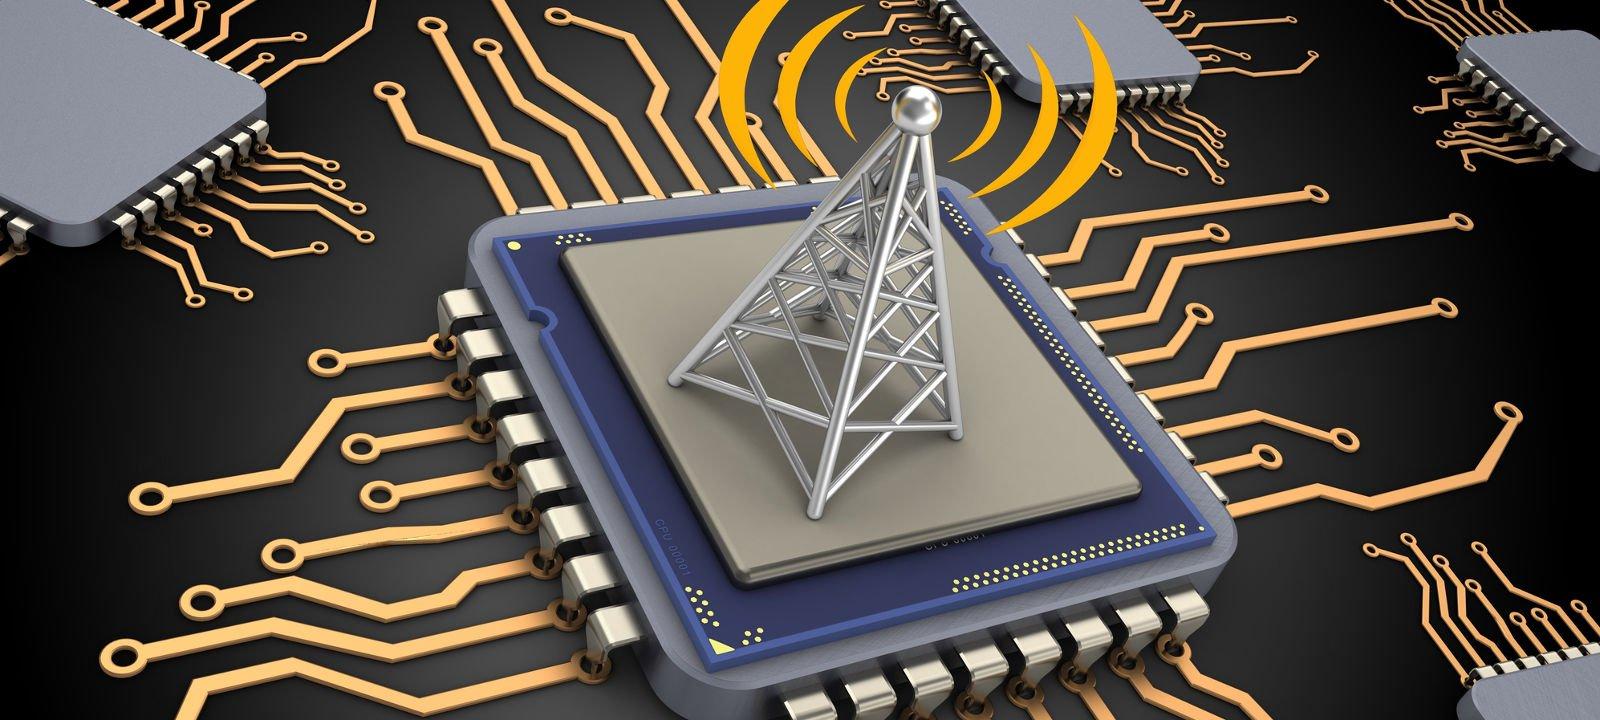 Лучший адаптер беспроводных сетей для Wi-Fi хакинга в 2017